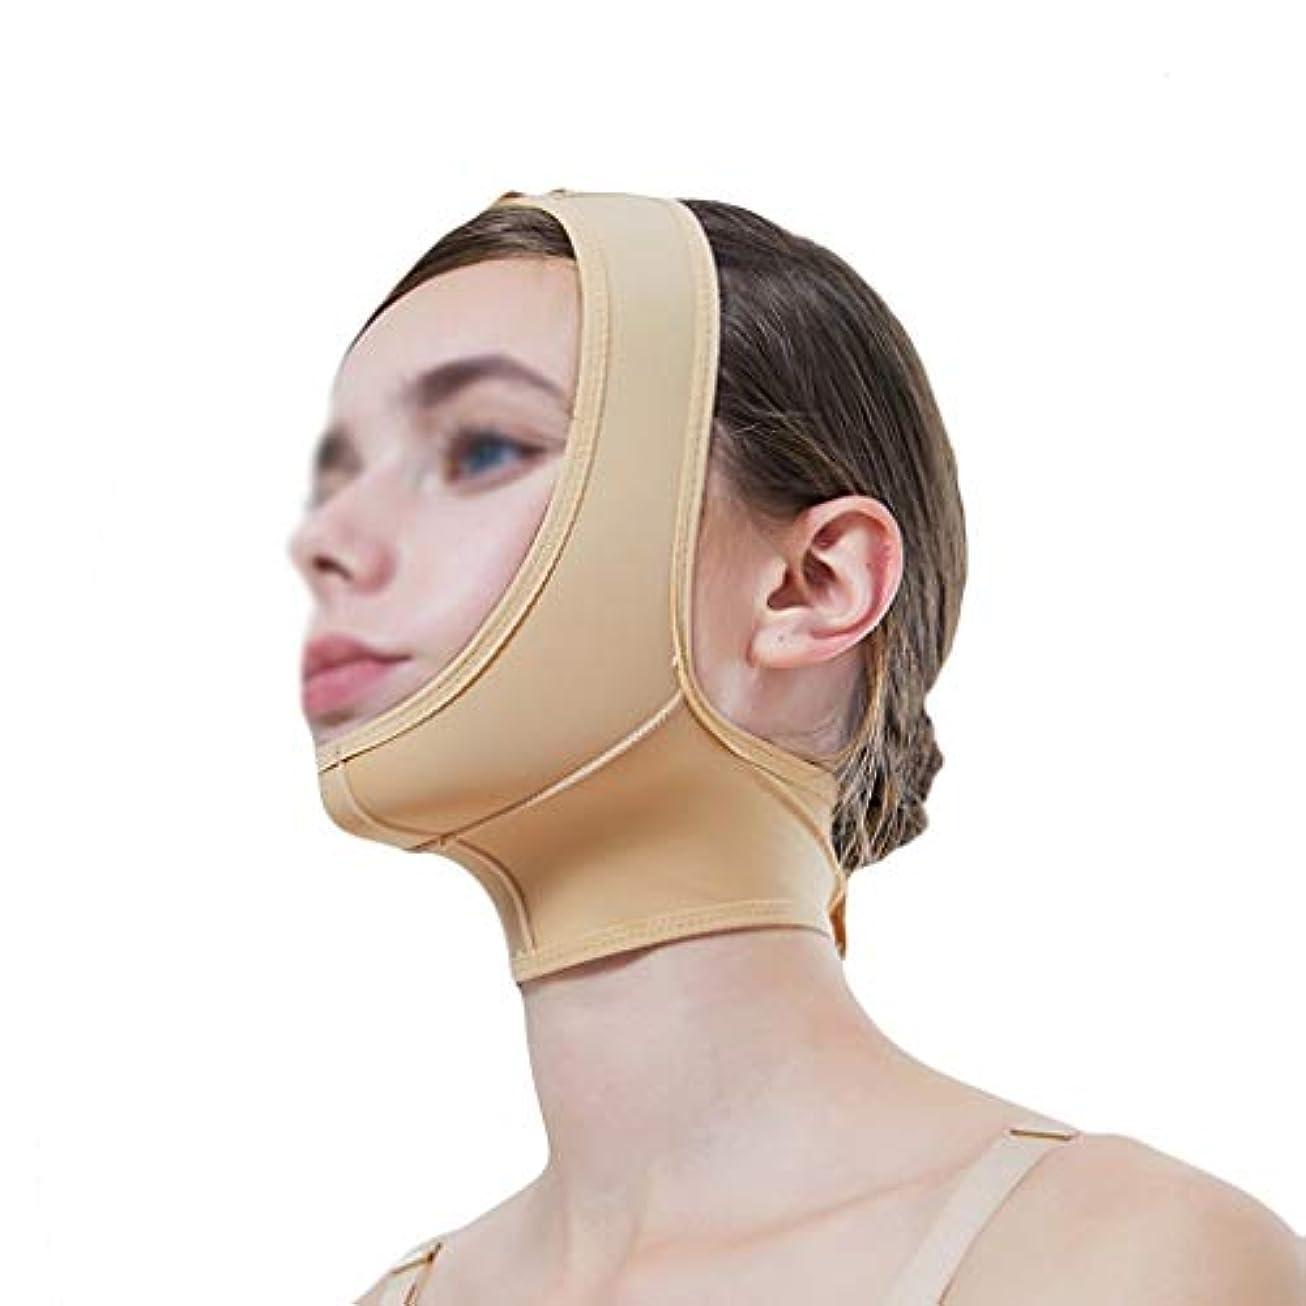 蒸留線形腫瘍XHLMRMJ マスク、超薄型ベルト、フェイスリフティングに適しています、フェイスリフティング、通気性包帯、チンリフティングベルト、超薄型ベルト、通気性 (Size : S)